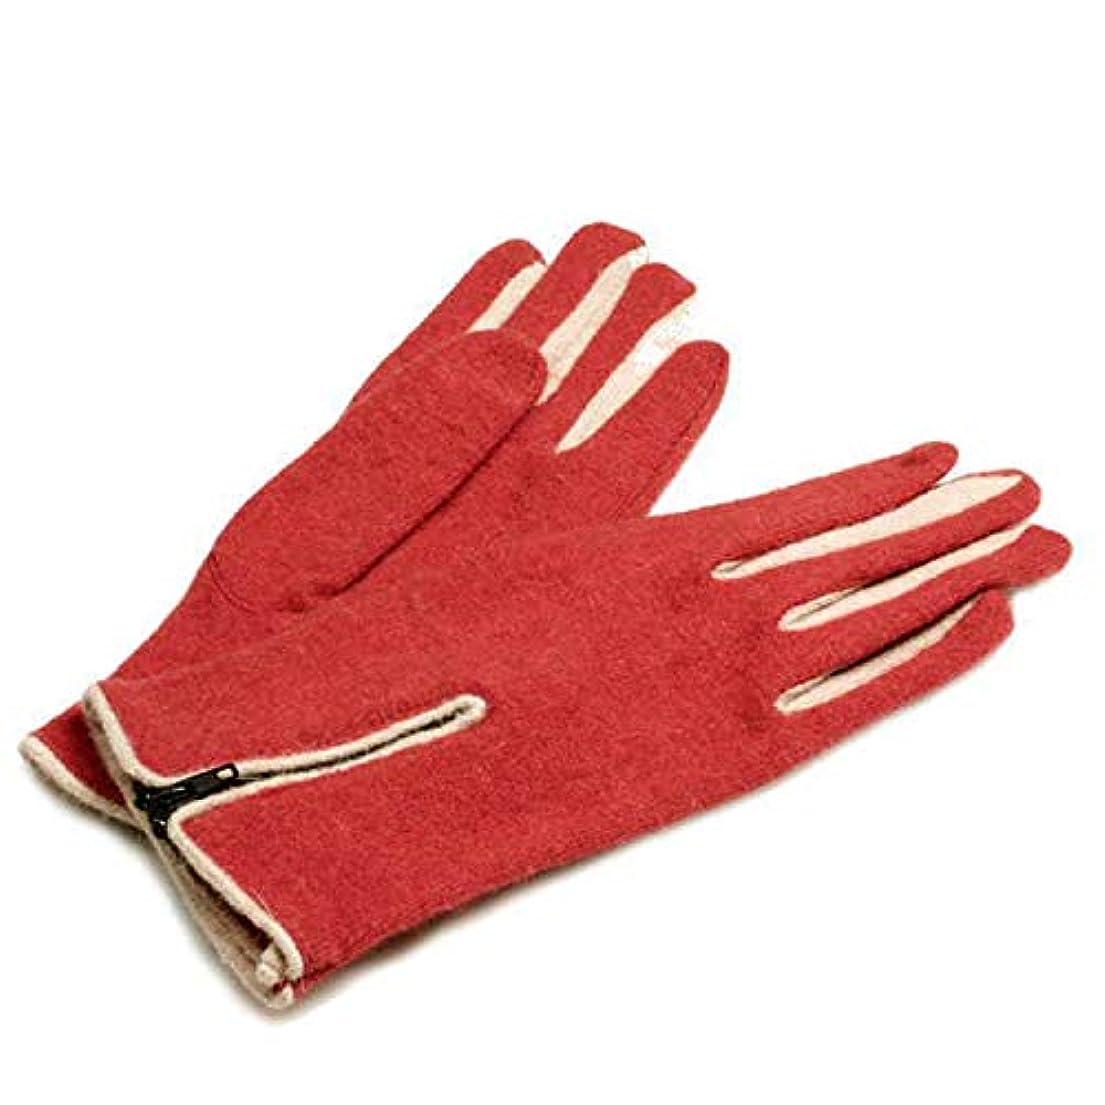 一貫性のない意見改修秋と冬レディースフィンガー手袋ショートセクション厚手のウール手袋乗馬ウォーム手袋を運転する